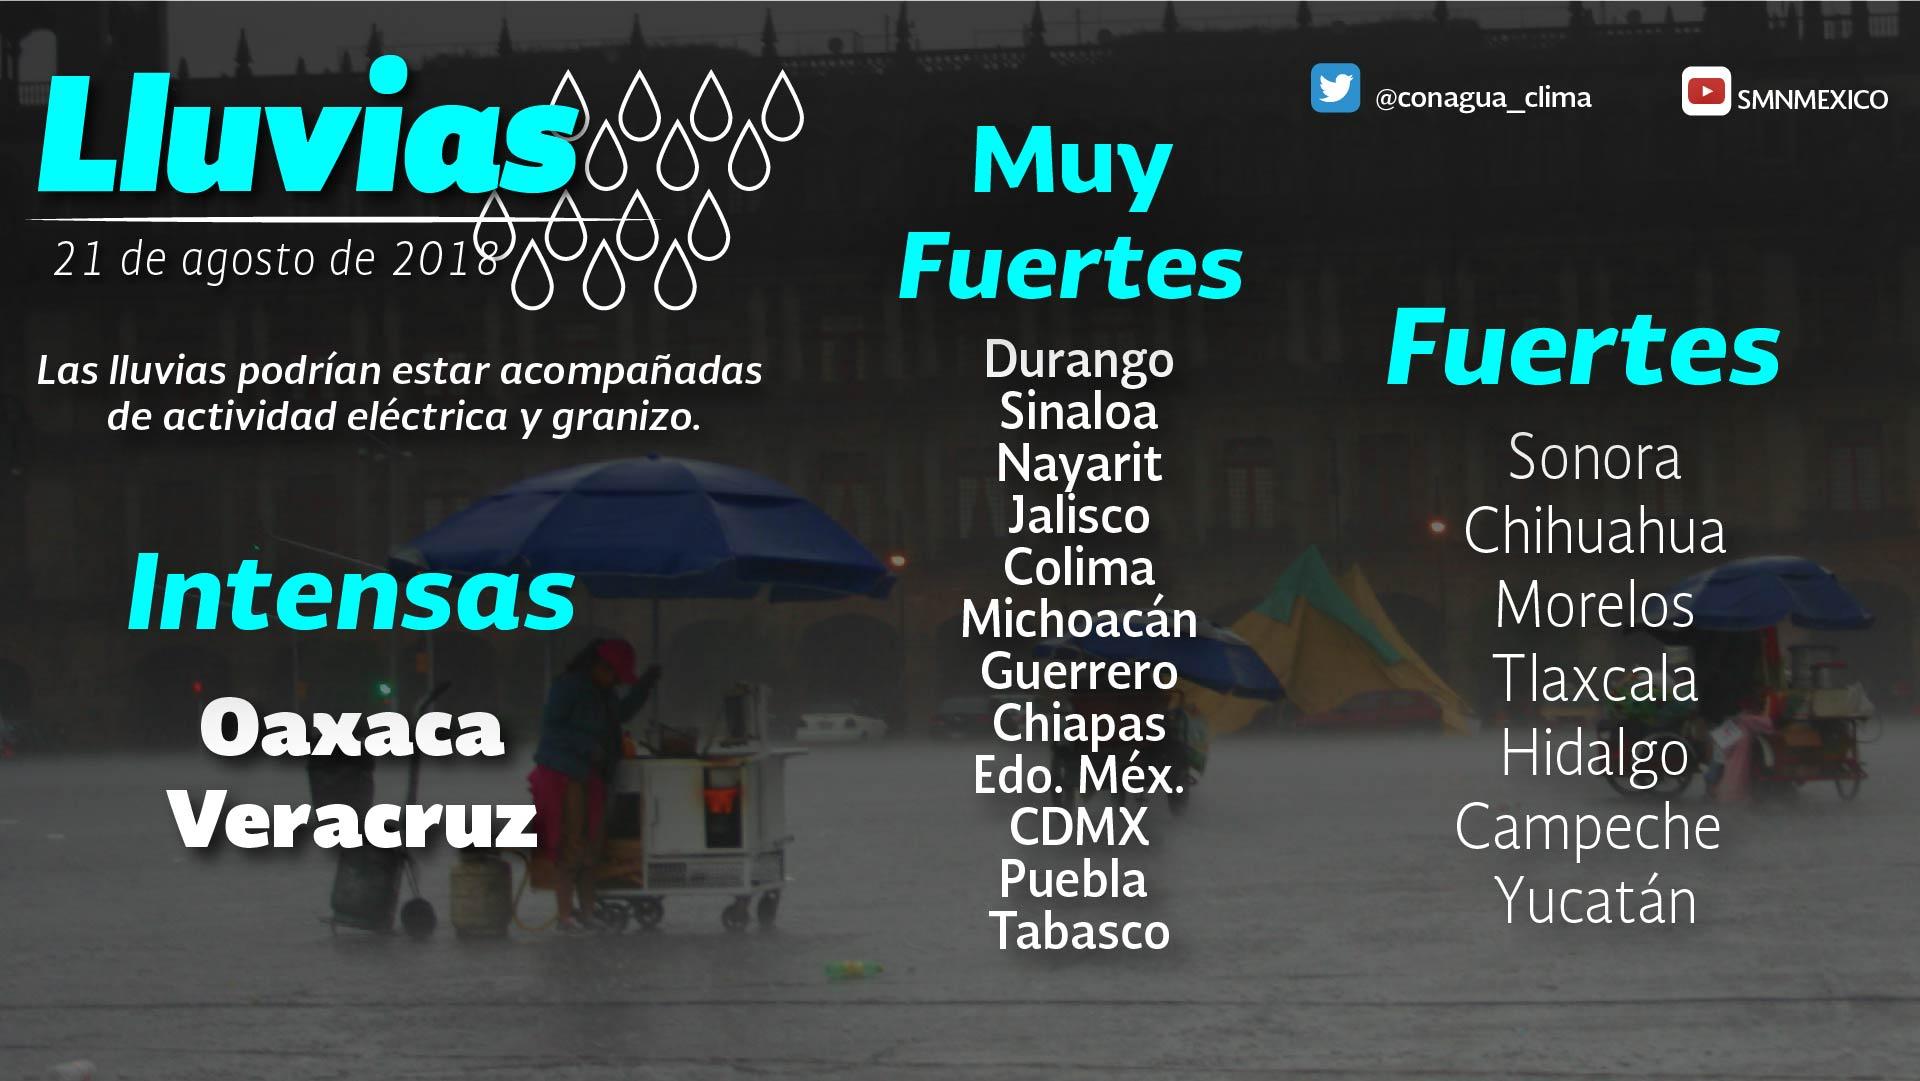 Persiste el pronóstico de chubascos con tormentas puntuales fuertes para Tlaxcala